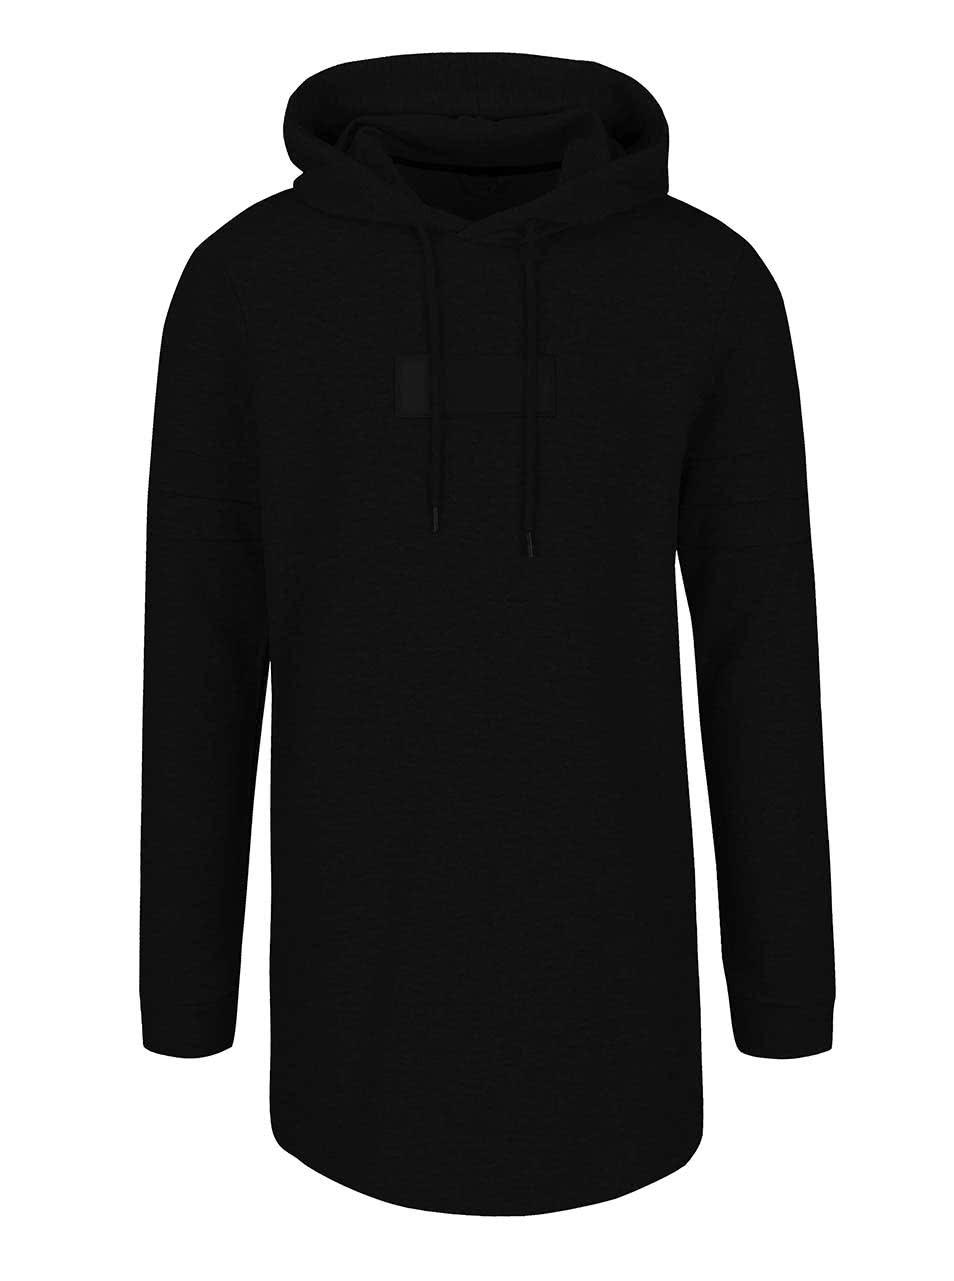 Černá mikina s kapucí Jack & Jones Covera